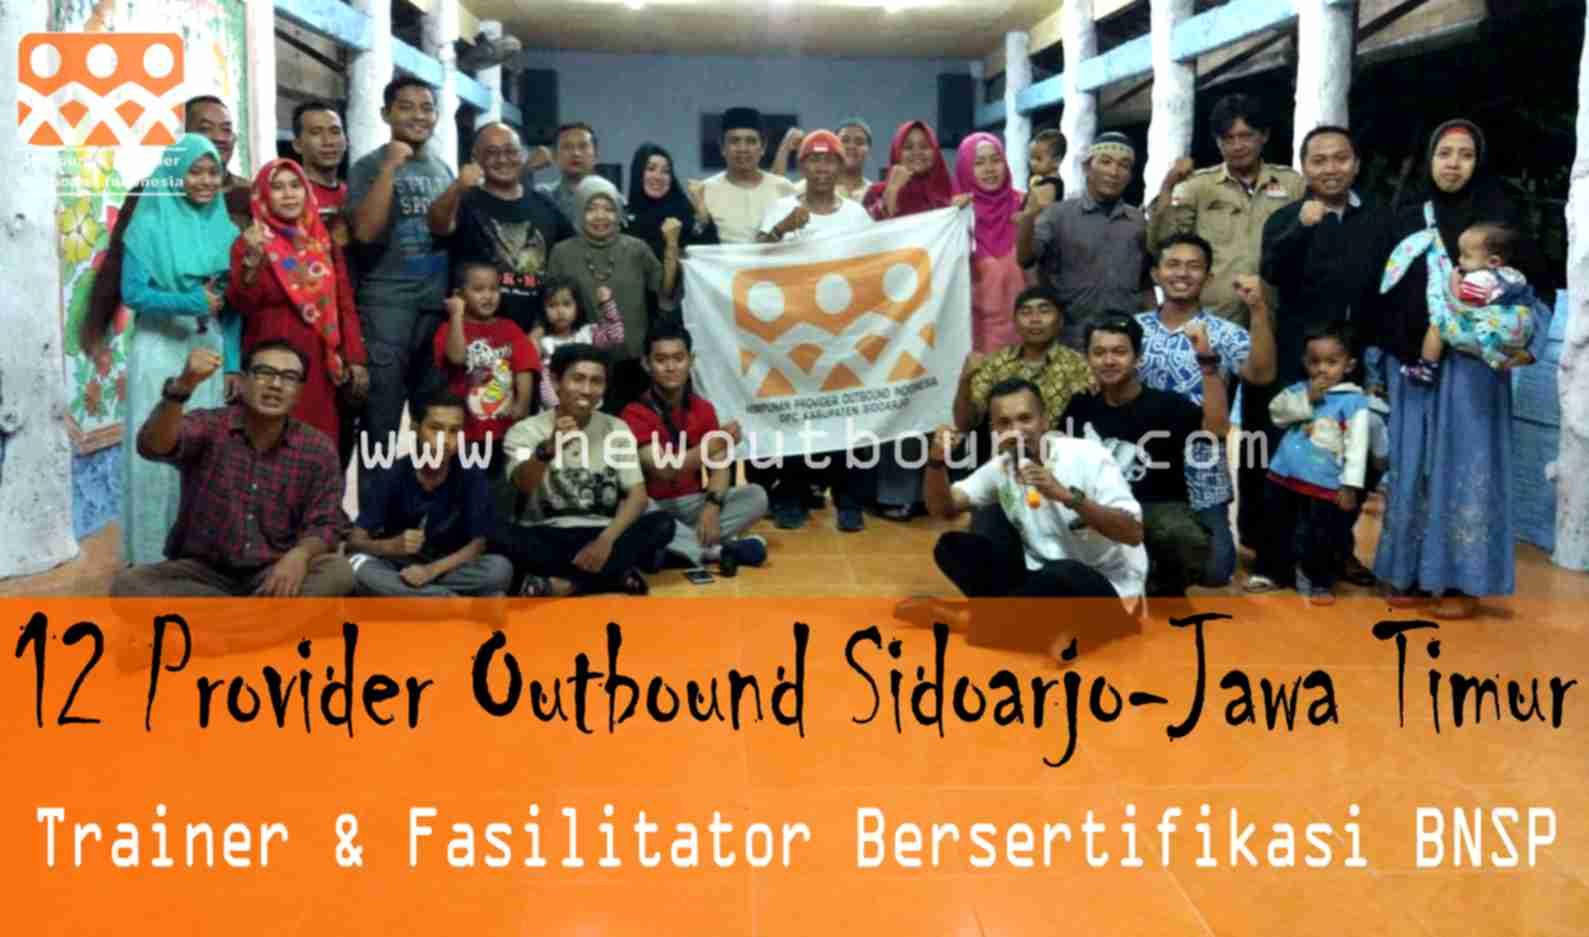 Outbound Sidoarjo